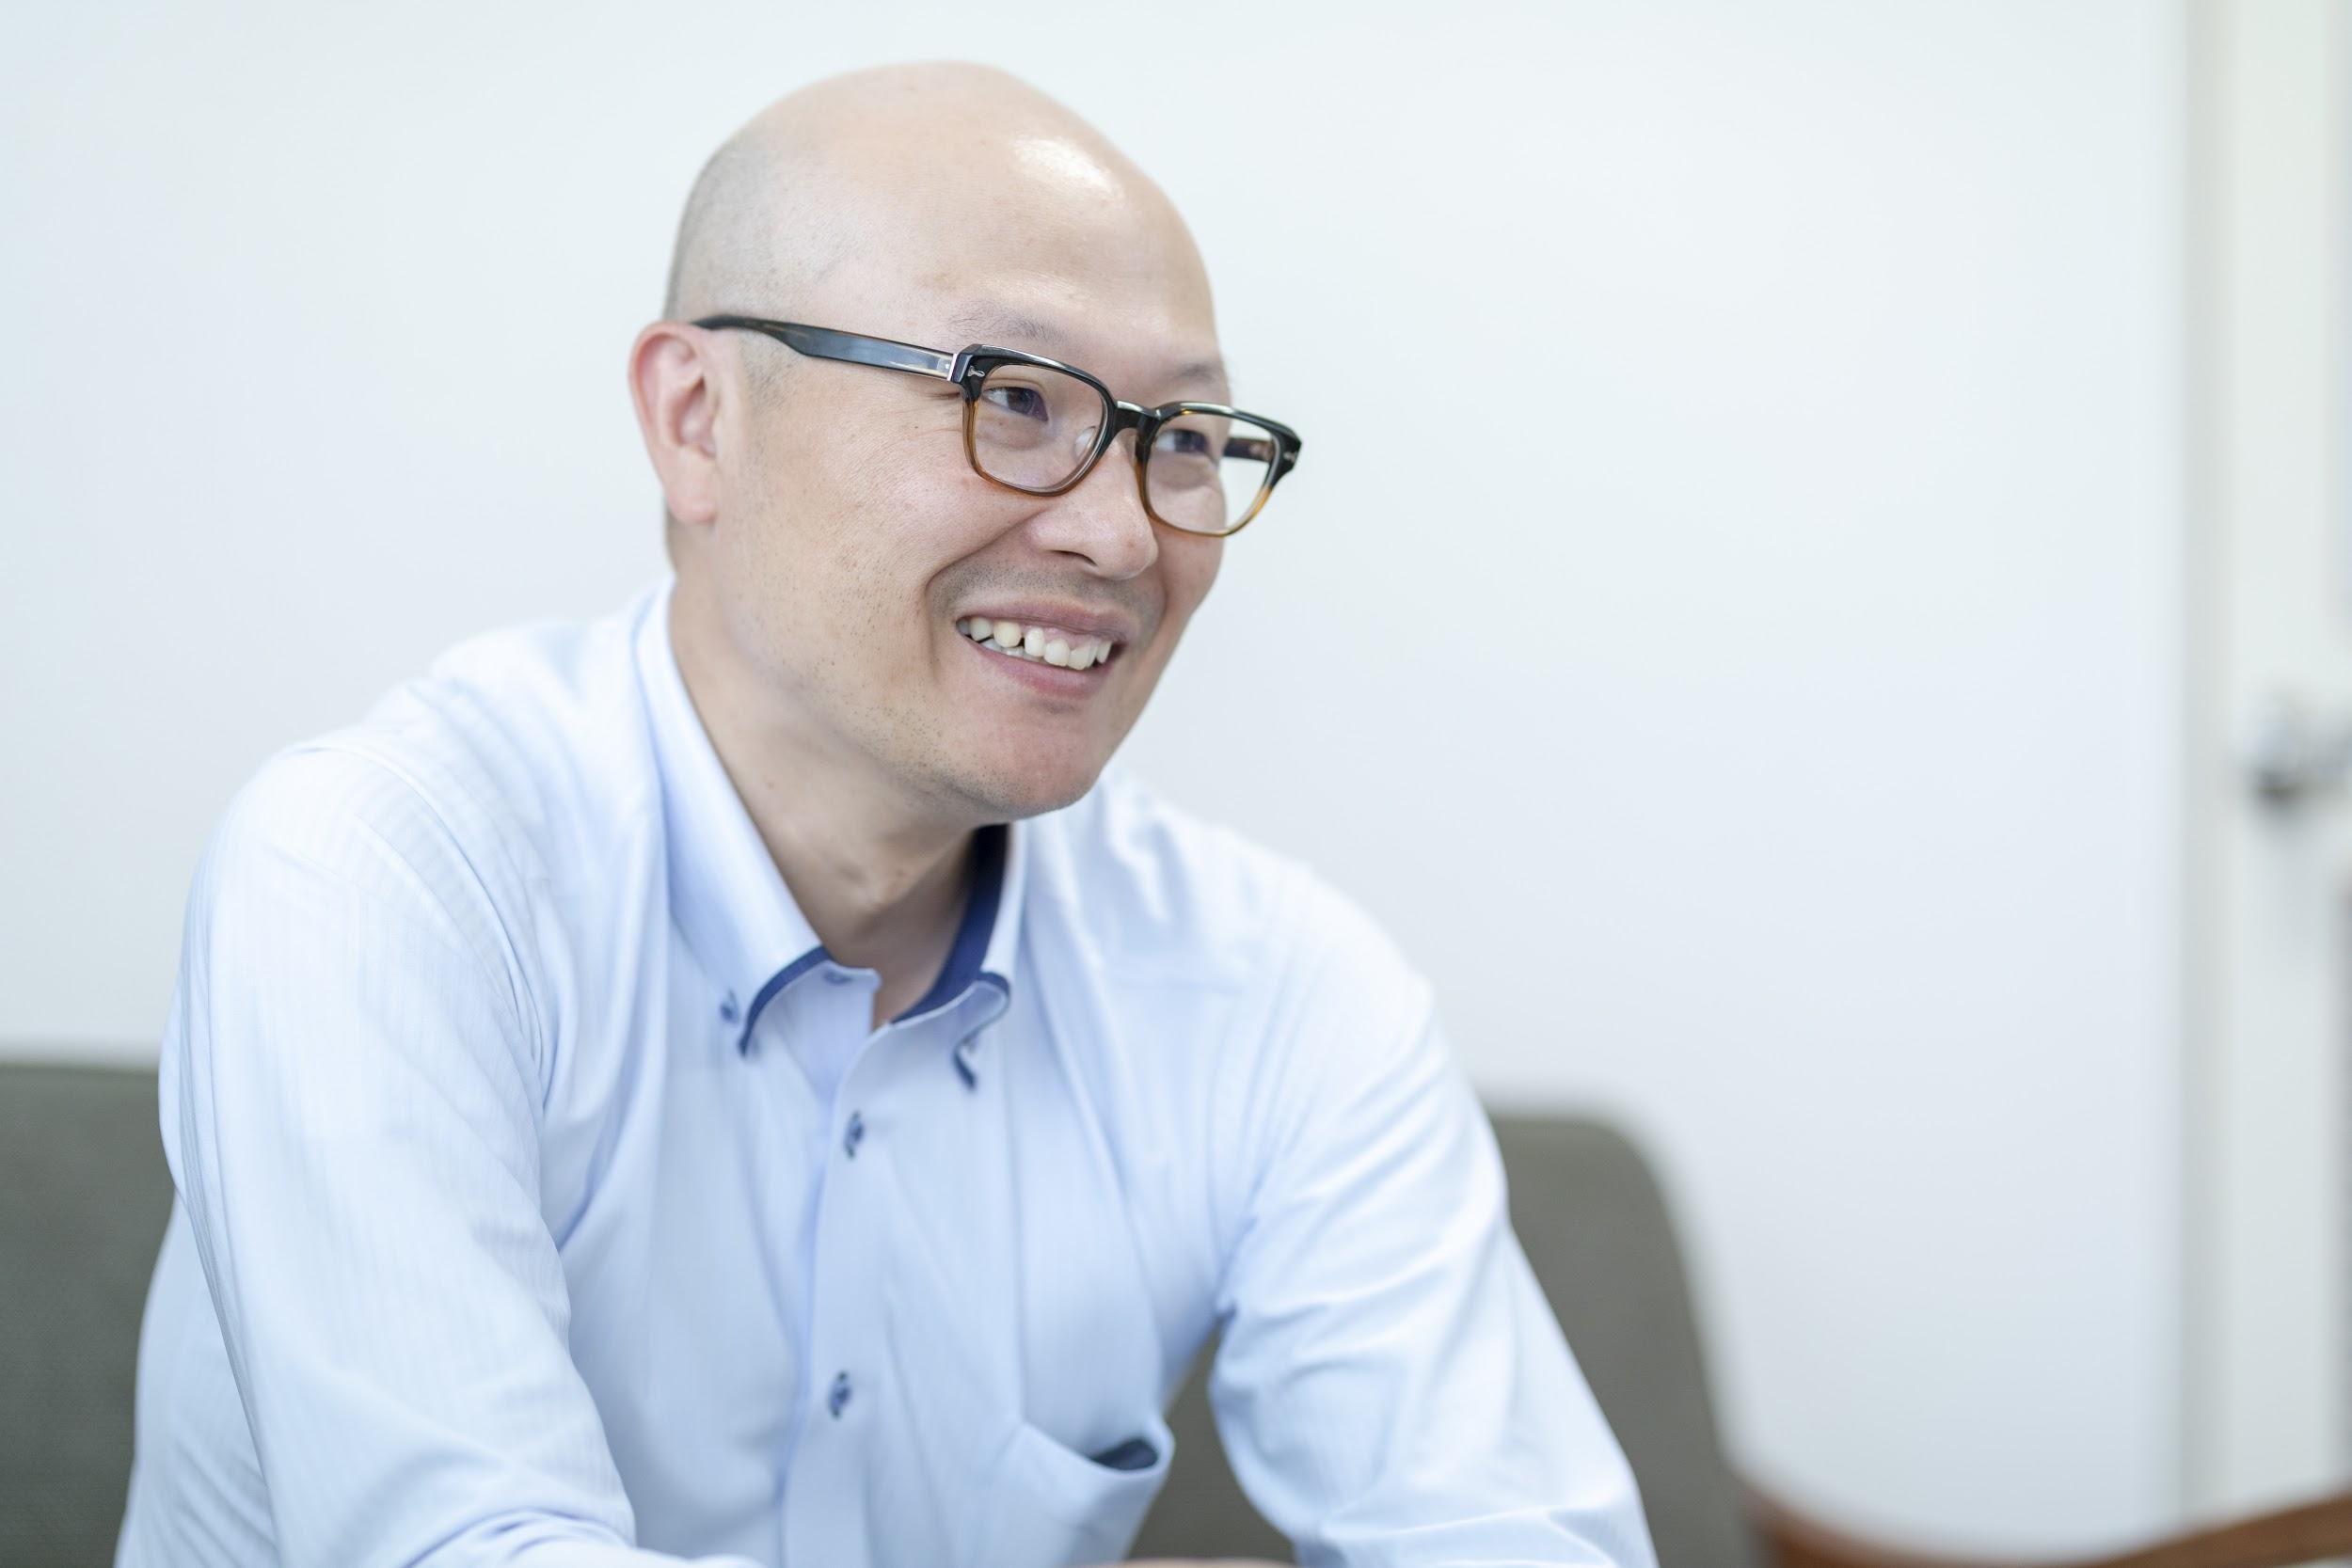 株式会社蔵場 代表取締役 菊池亮介さん